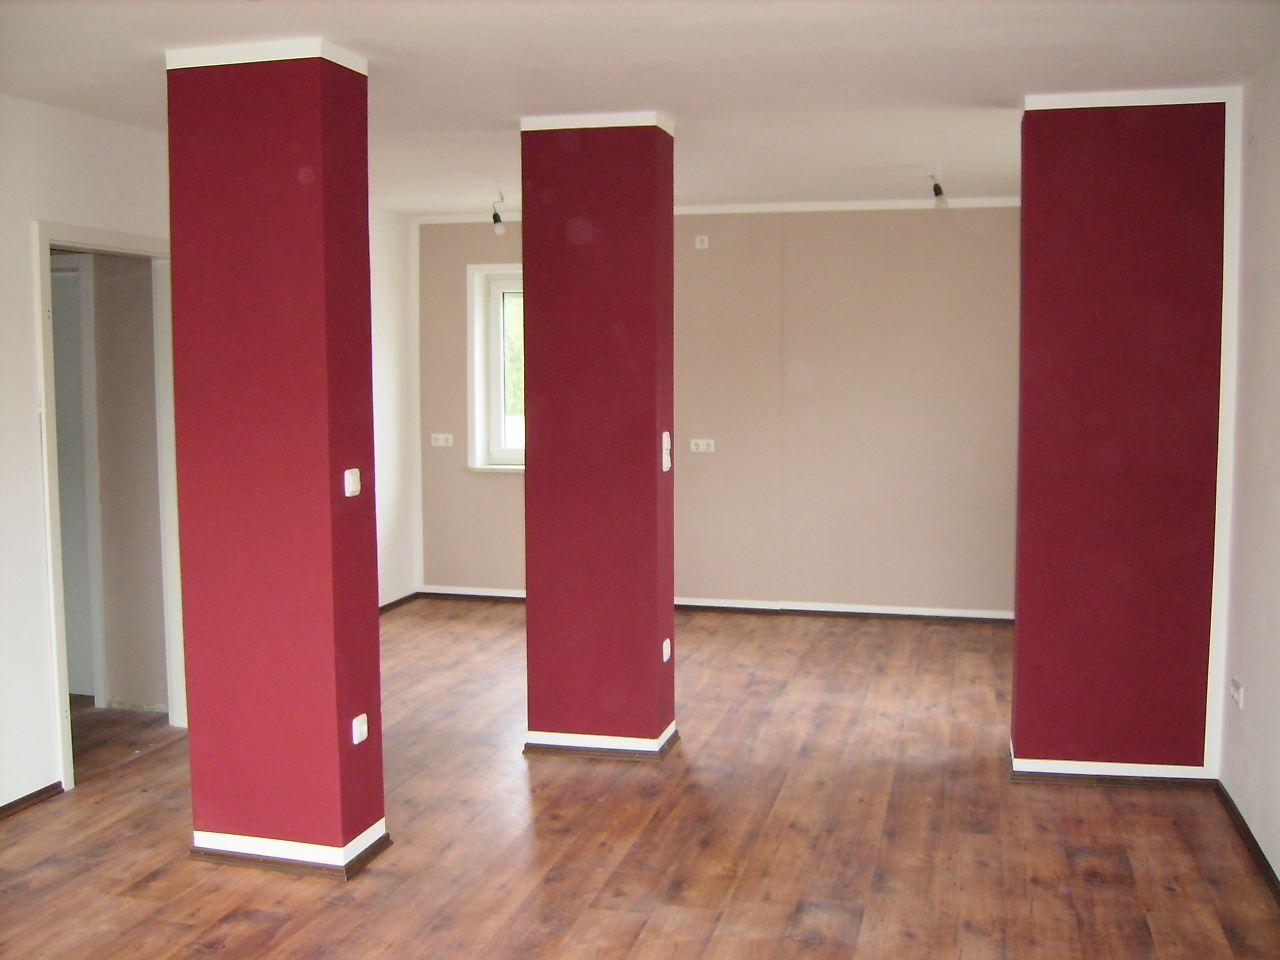 krieg zwischen mieter und vermieter wohnungssch den dokumentieren n. Black Bedroom Furniture Sets. Home Design Ideas